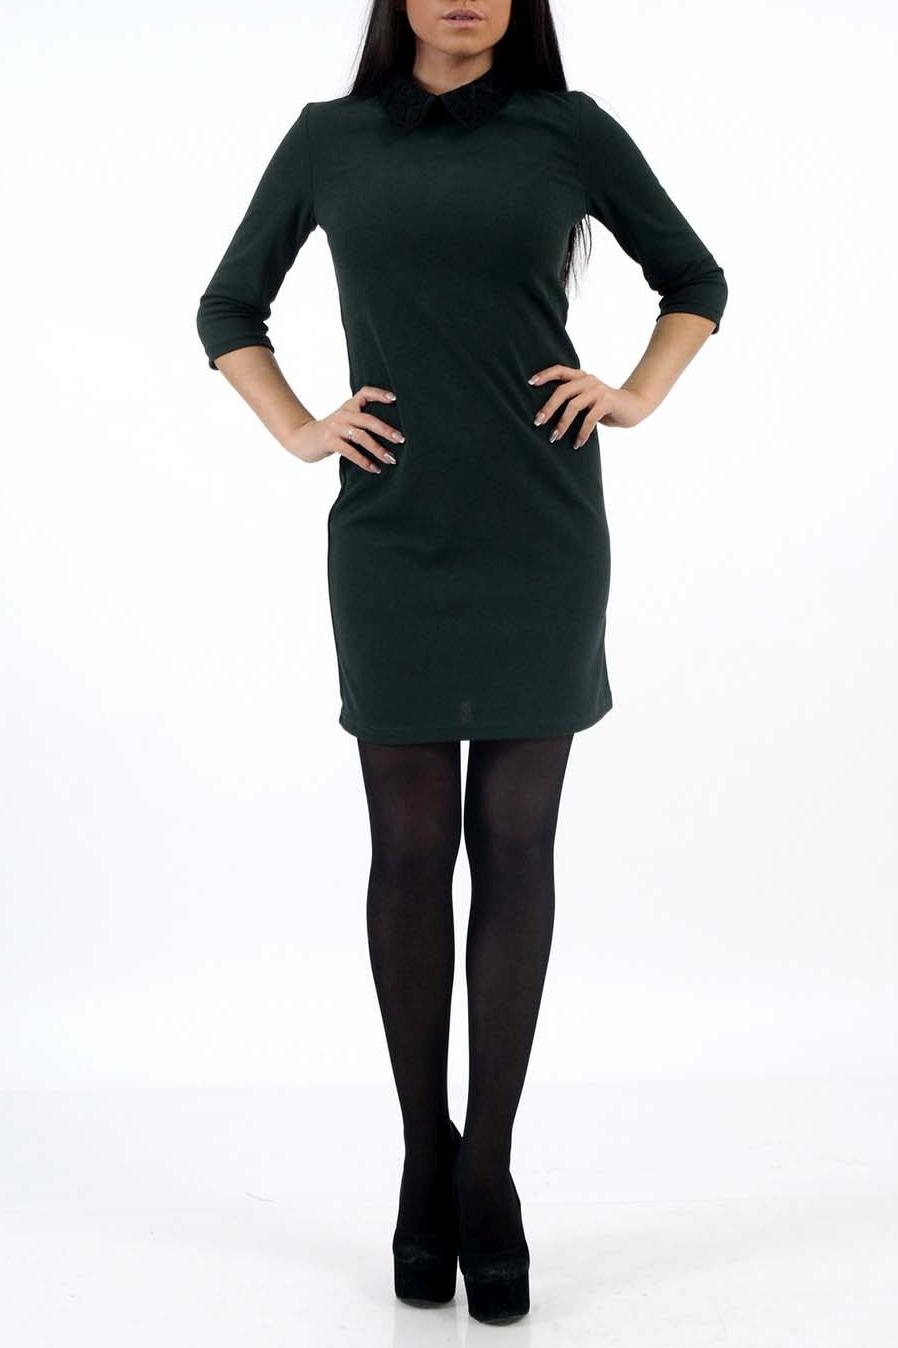 ПлатьеПлатья<br>Женское платье с рубашечным воротником и рукавами 3/4. Модель выполнена из плотного материала. Отличный вариант для любого случая.  Цвет: зеленый<br><br>Воротник: Рубашечный<br>По длине: Миди<br>По материалу: Вискоза,Трикотаж<br>По образу: Город,Офис,Свидание<br>По рисунку: Однотонные<br>По сезону: Весна,Зима,Осень<br>По силуэту: Полуприталенные<br>По элементам: С воротником,С декором<br>Рукав: Рукав три четверти<br>По форме: Платье - футляр<br>По стилю: Молодежный стиль,Повседневный стиль<br>Размер : 42,44,46<br>Материал: Джерси<br>Количество в наличии: 3